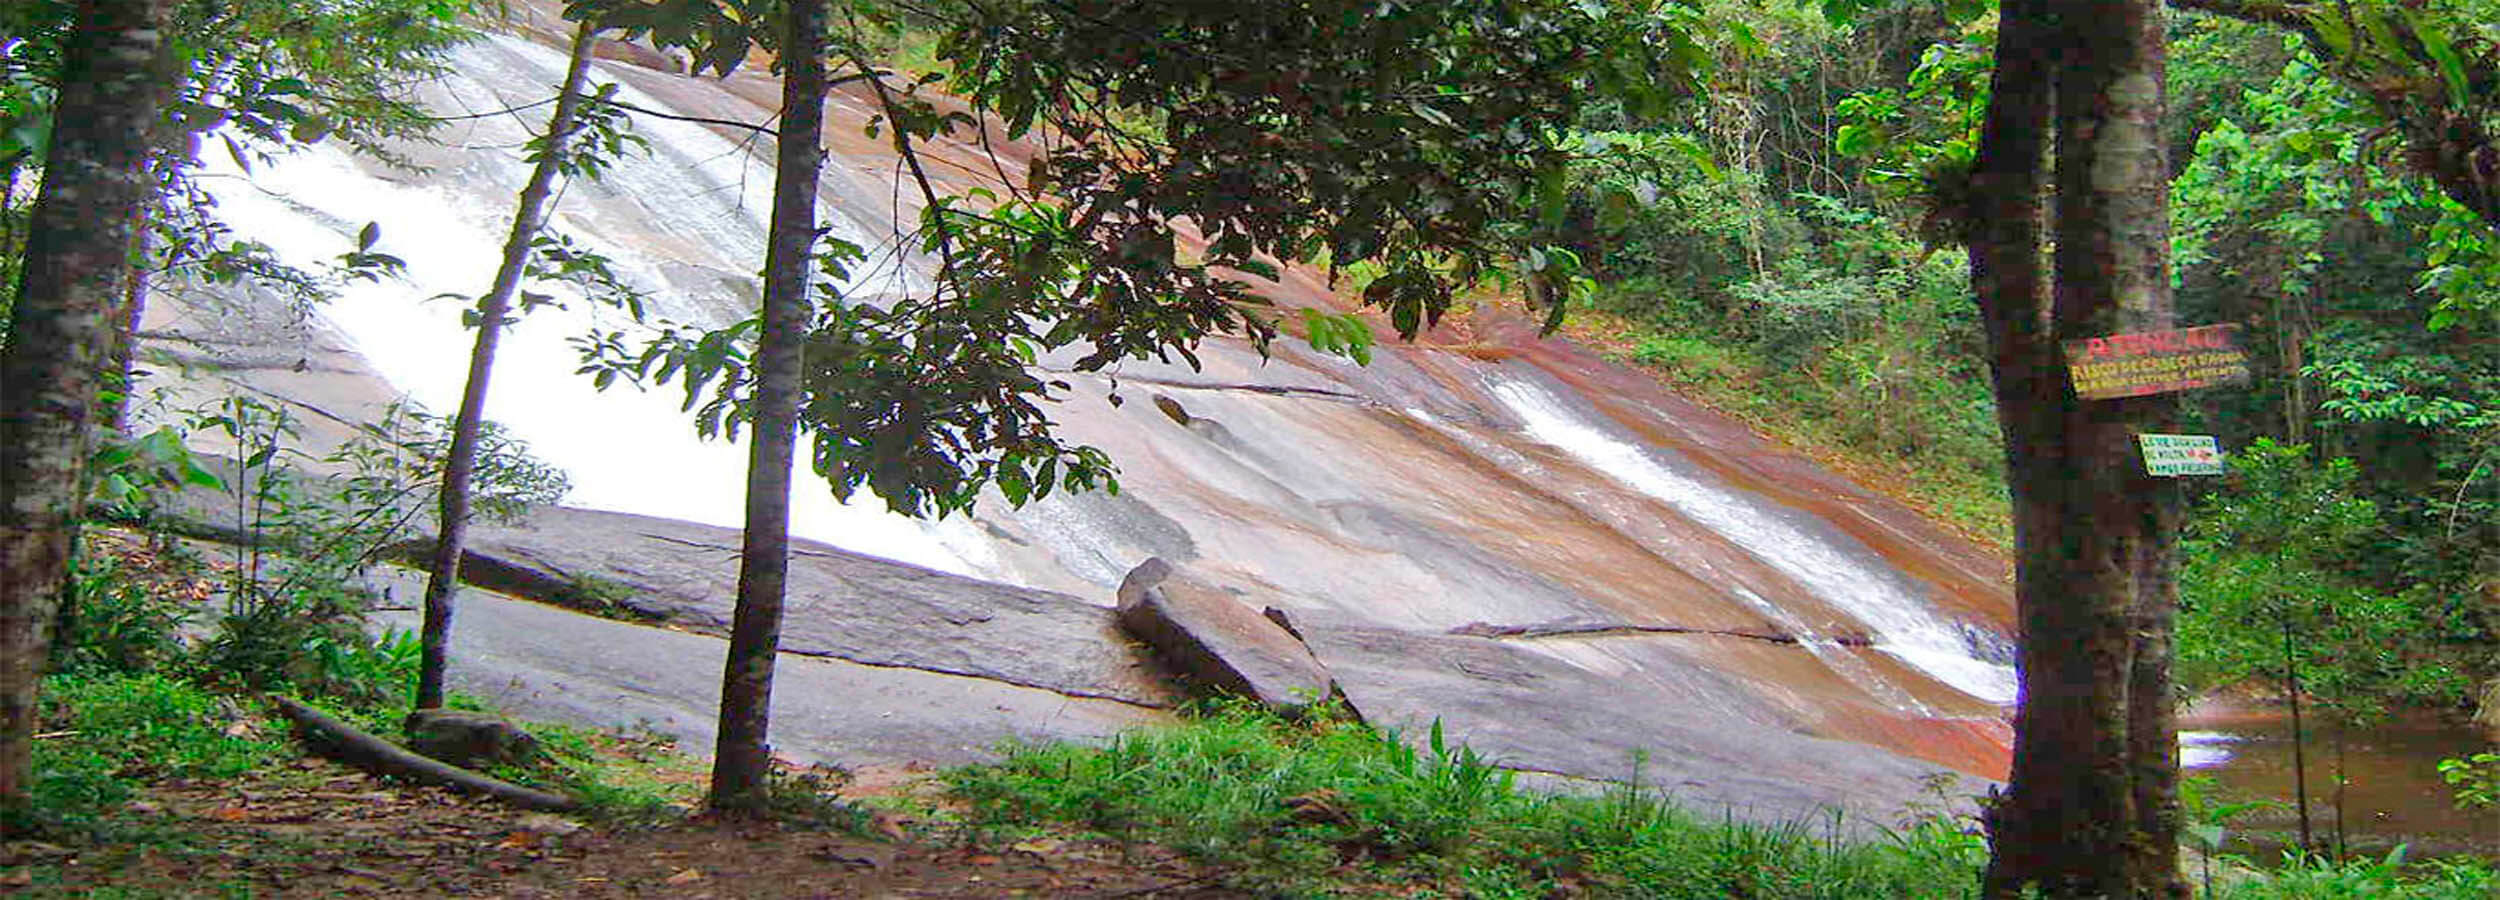 Circuito das Cachoeiras em Visconde de Mauá